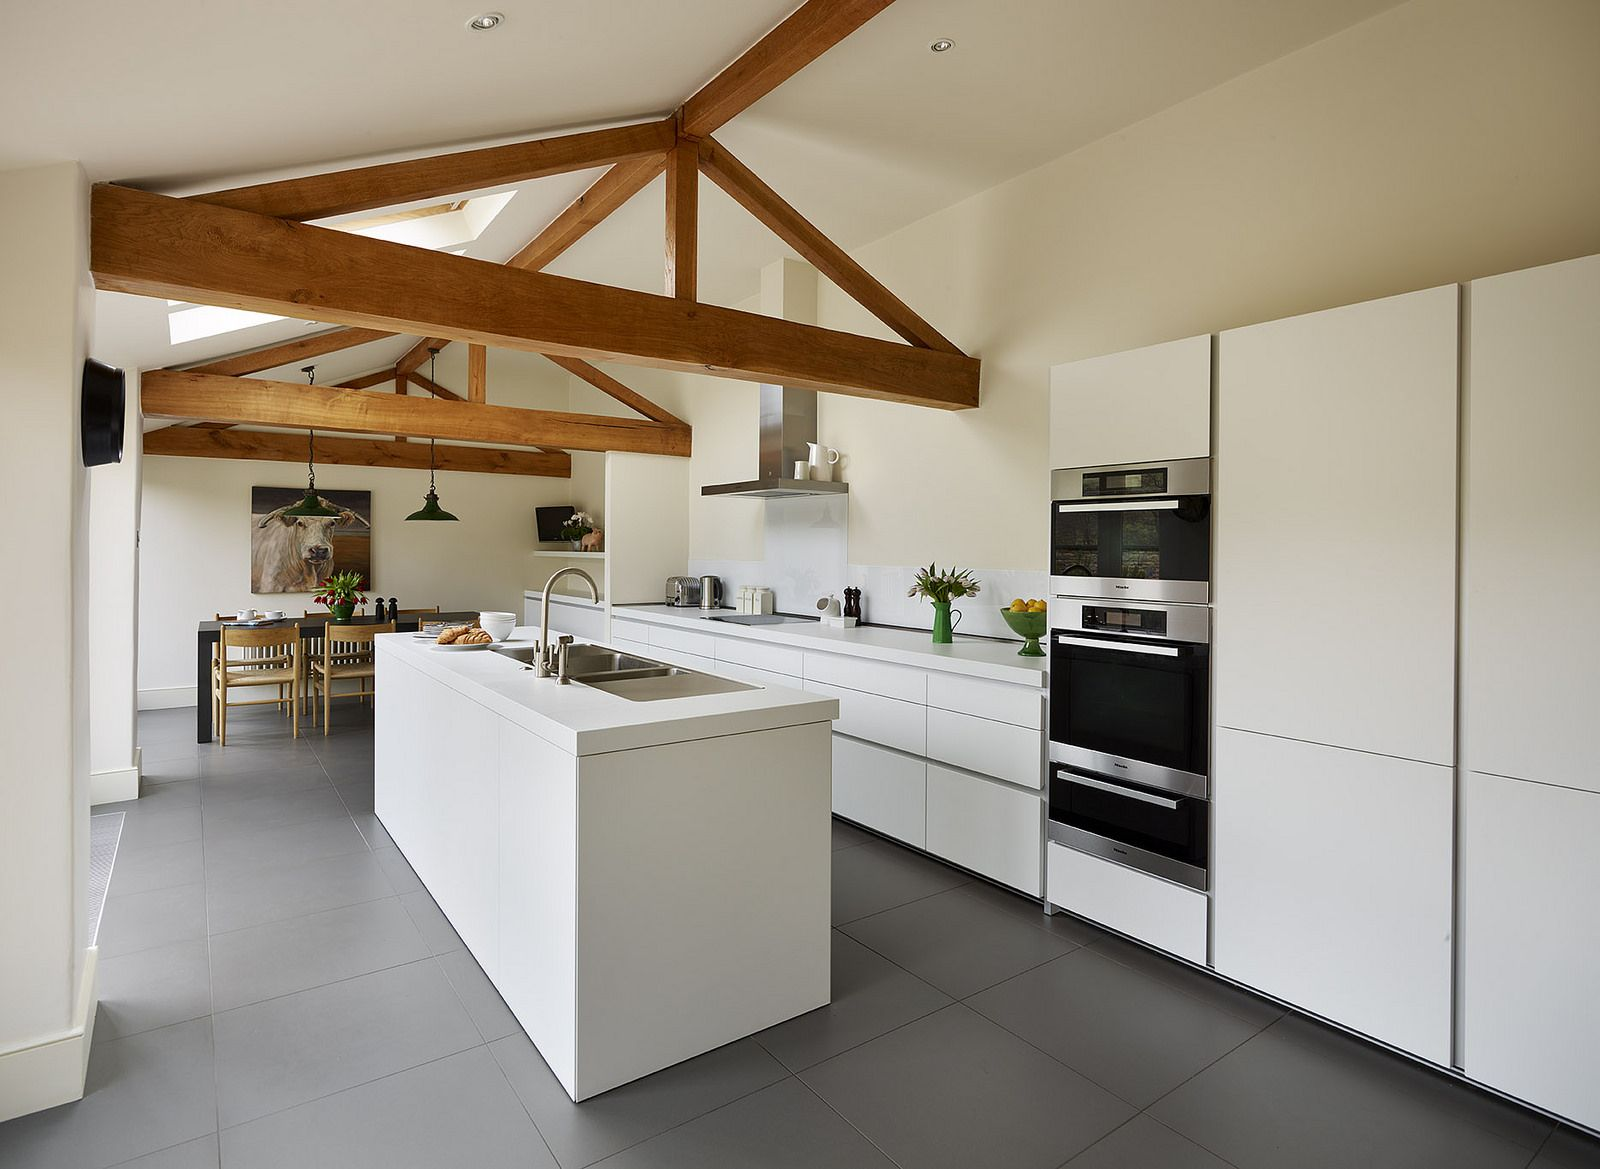 Prachtige design keuken met Miele inbouwapparaten. (stoom)oven, combimagnetron en warmhoudlade.